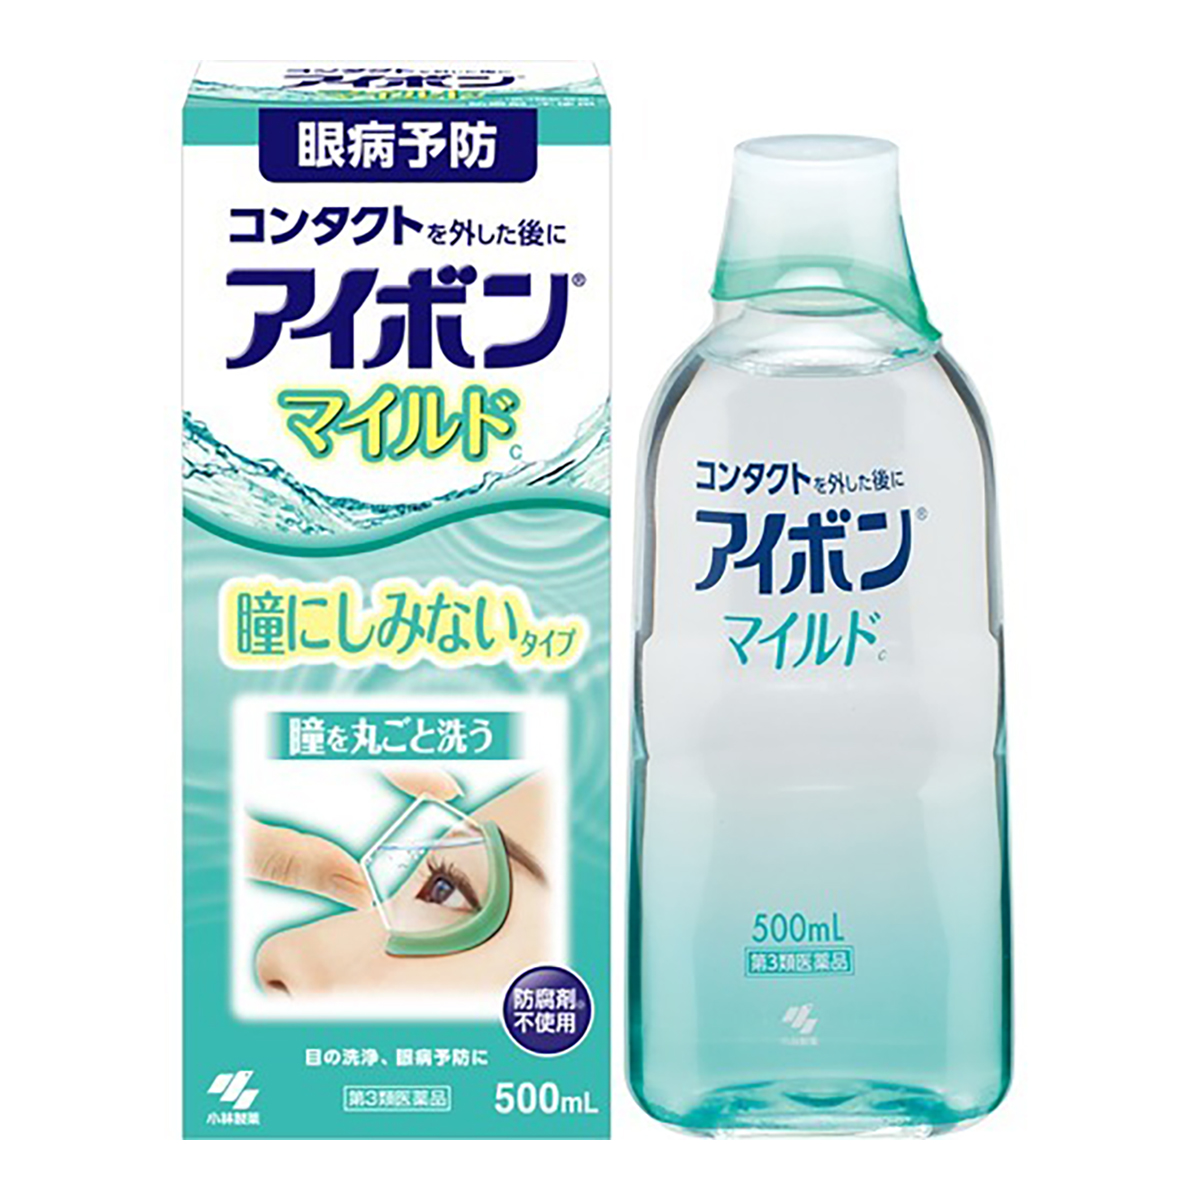 目の洗浄 眼病予防に 4987072071274 第3類医薬品 500ml 日本最大級の品揃え 輸入 マイルド アイボン